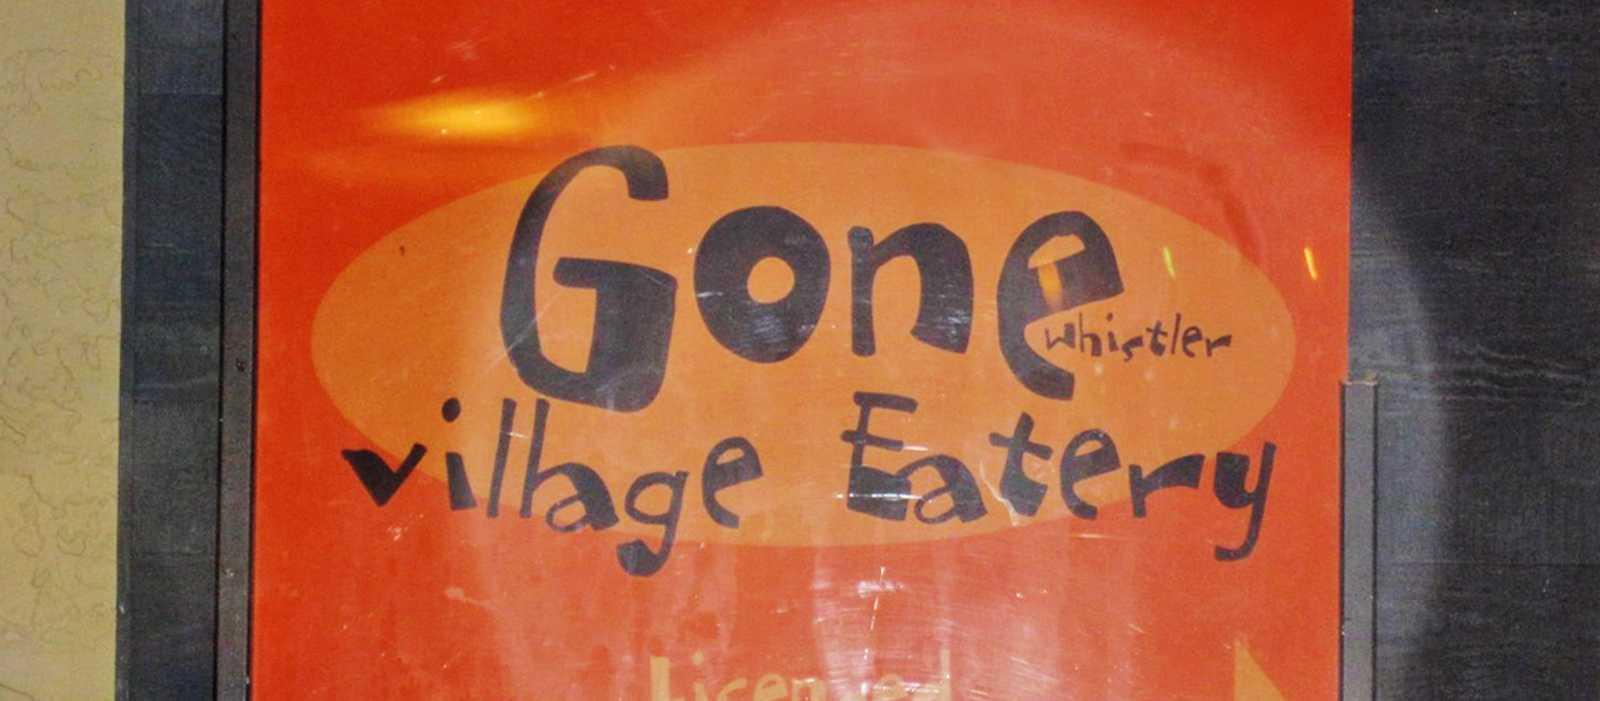 Gone Whistler Village Eatery